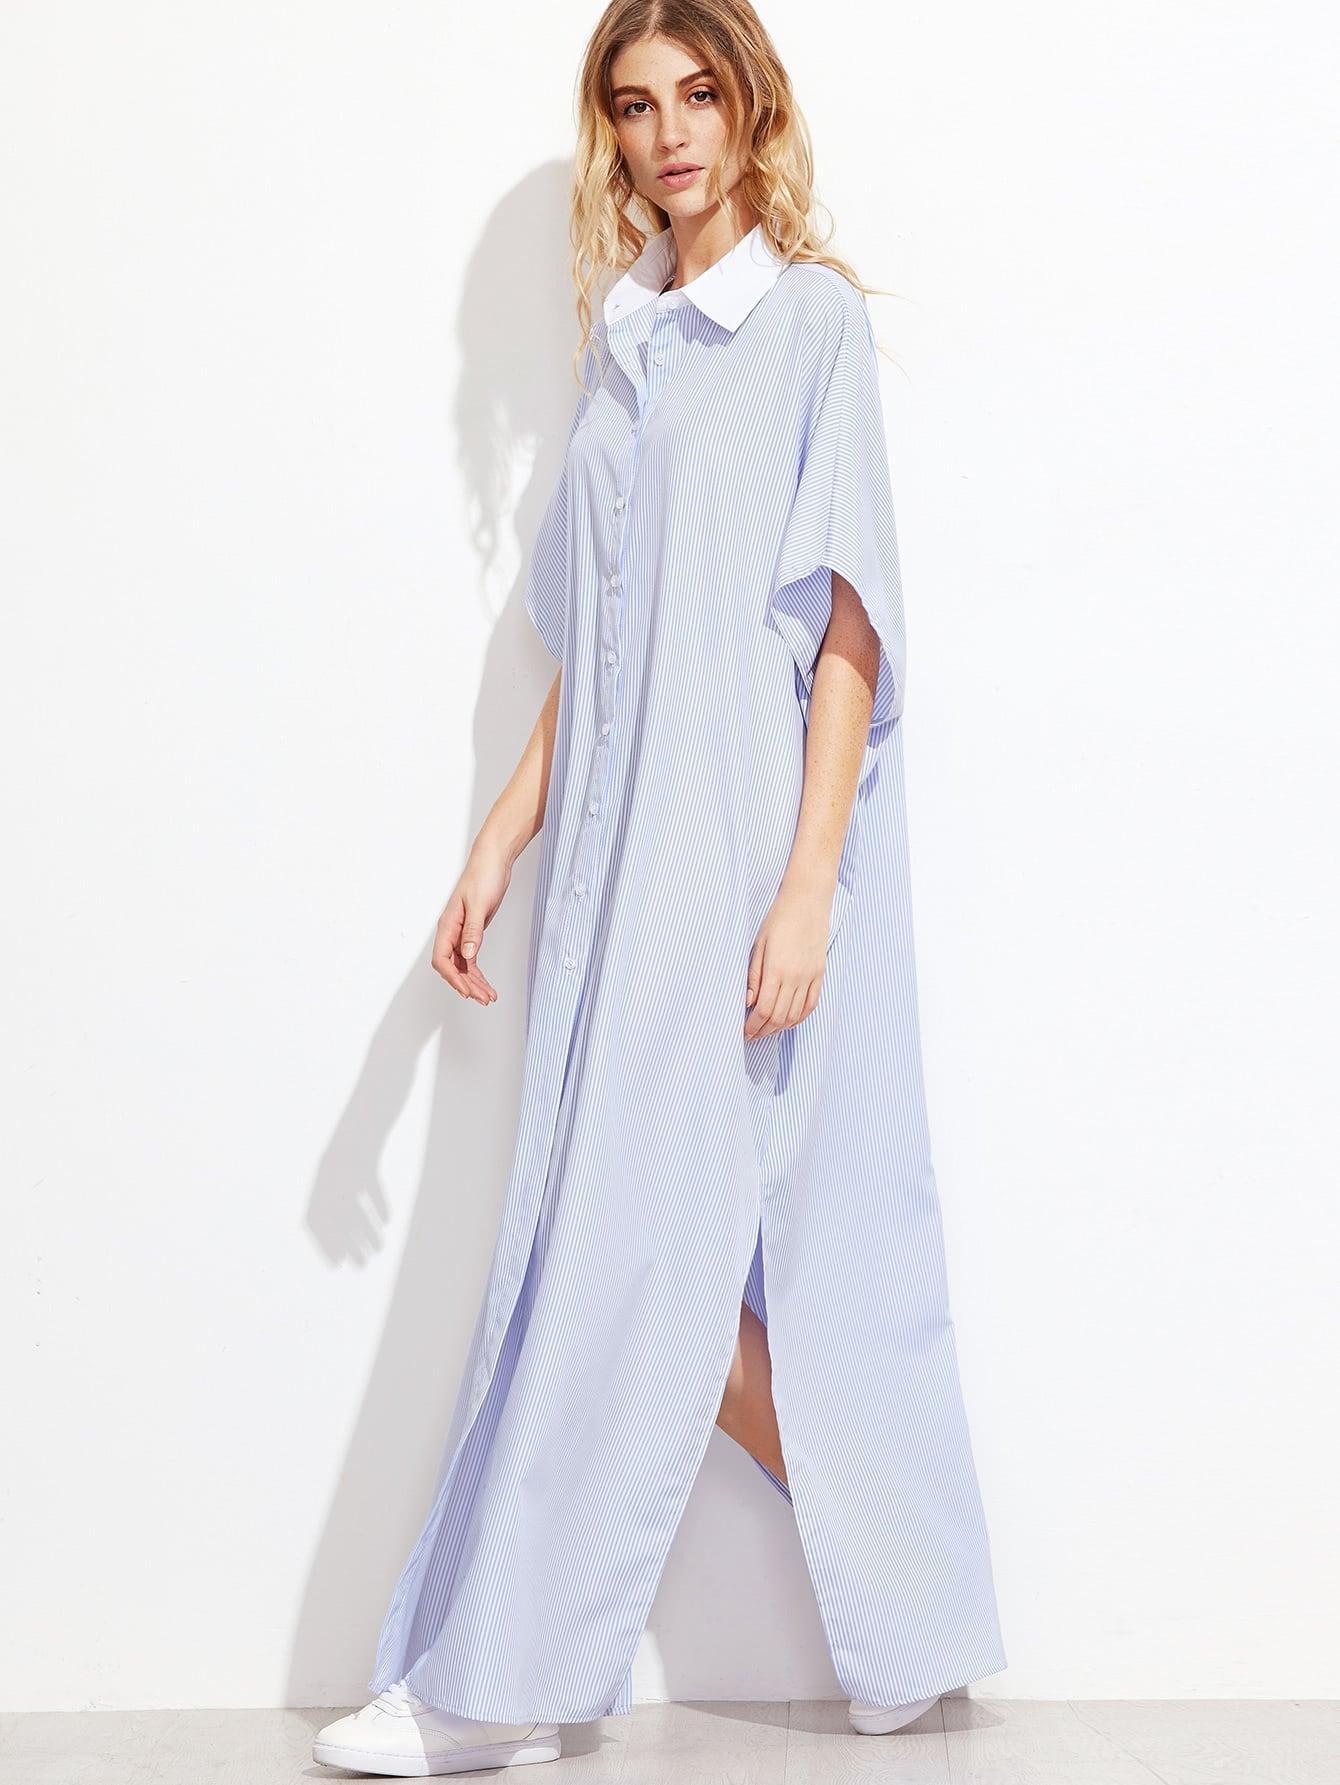 dress161012711_2